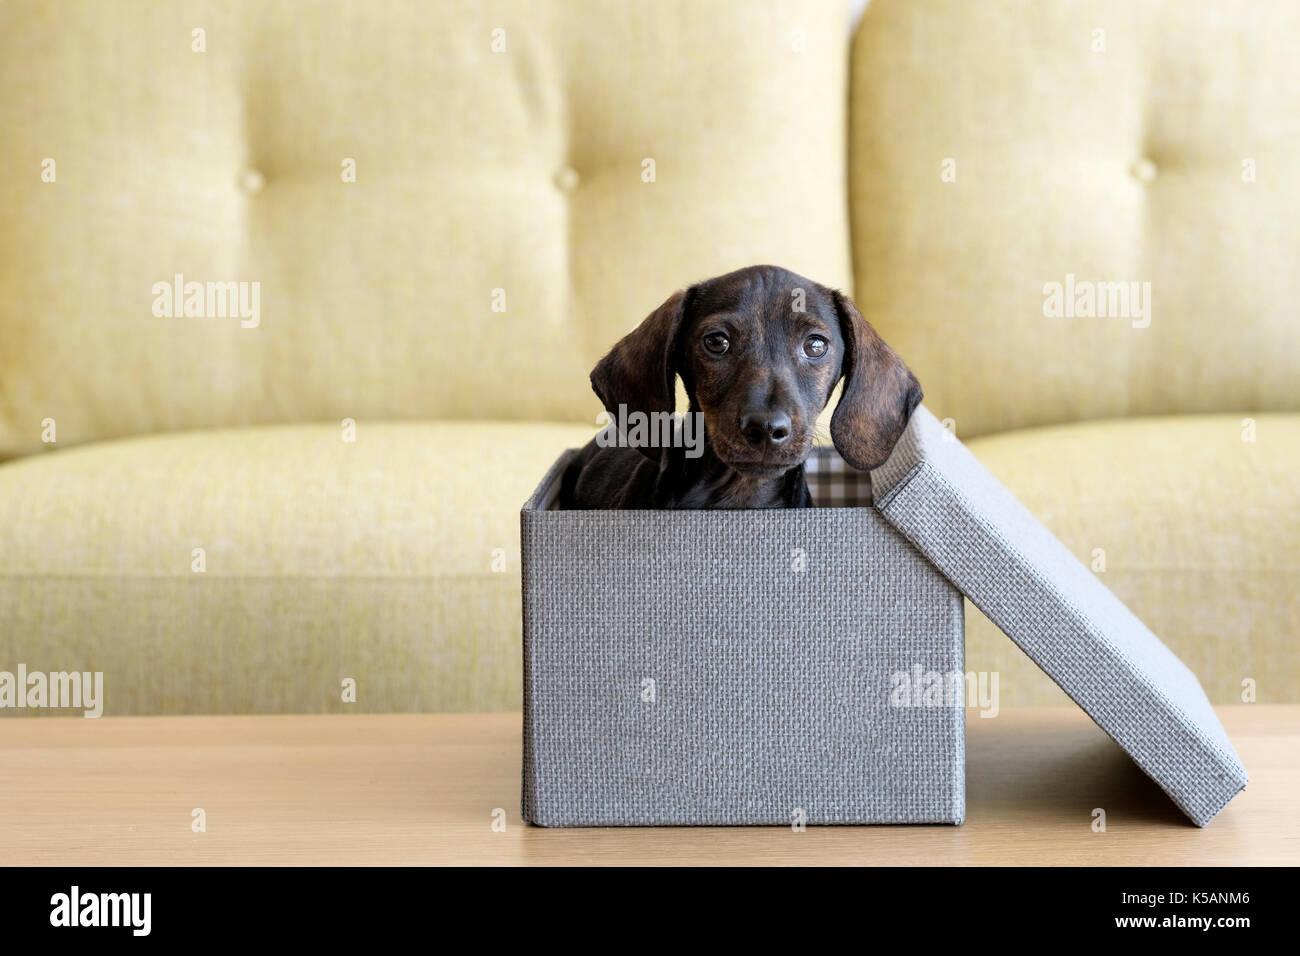 a-puppy-dachshund-dog-inside-a-tweed-fin